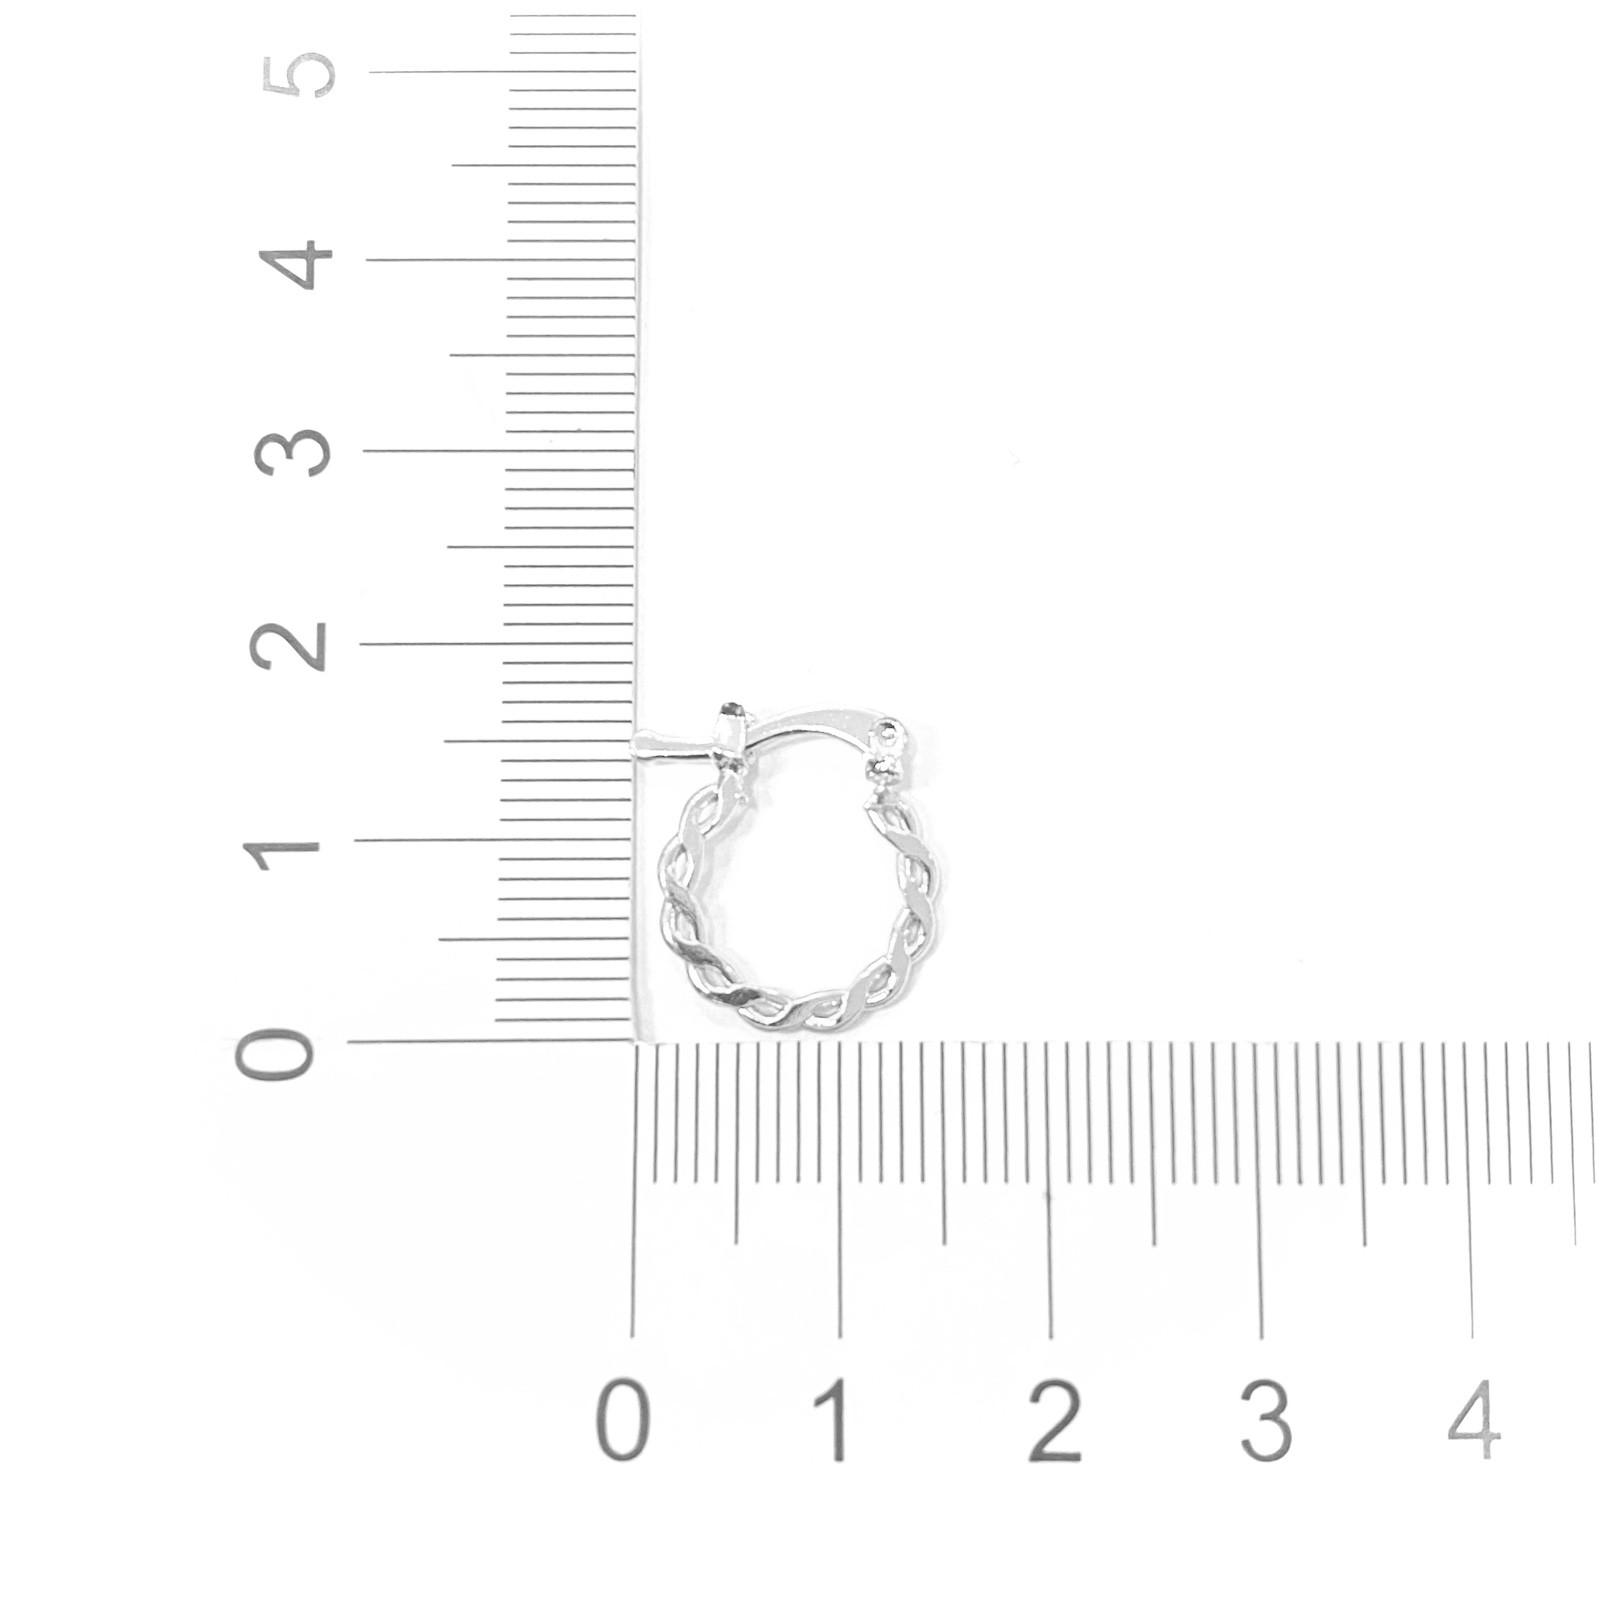 Brinco Argola Trançada P (Banho Prata 925) (Click)